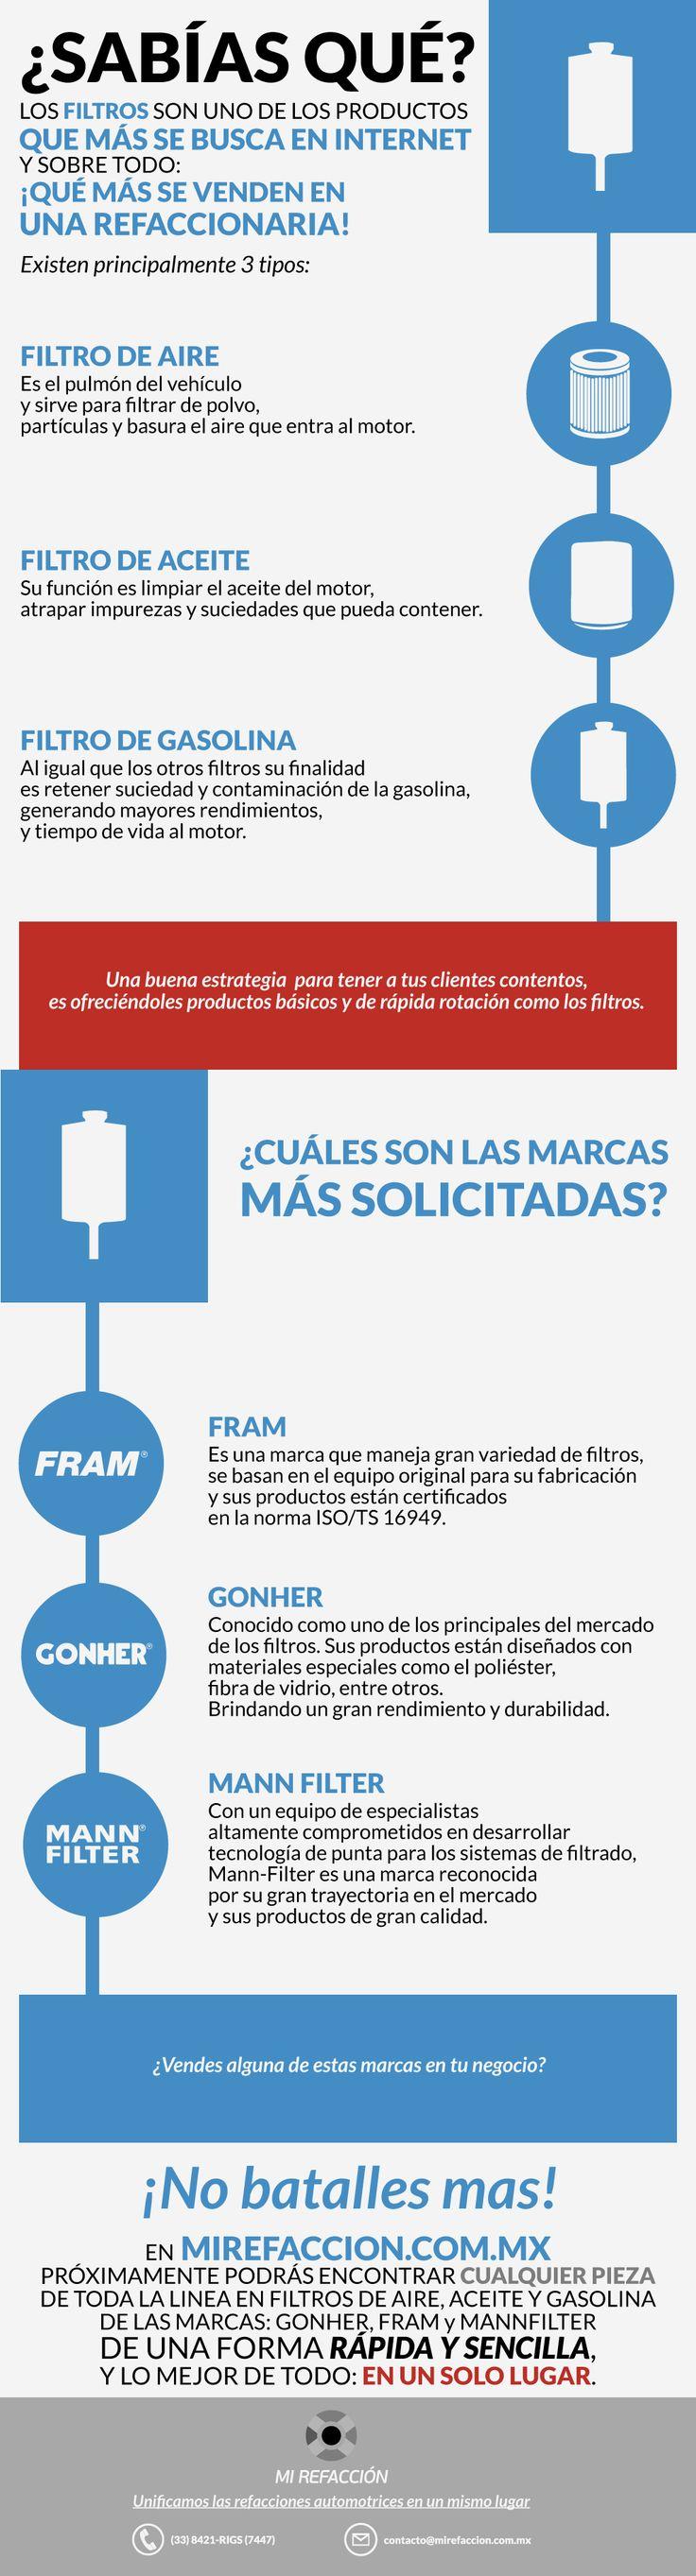 Infográfico sobre todo lo que necesitas saber sobre los filtros para auto http://krro.com.mx/refacciones/